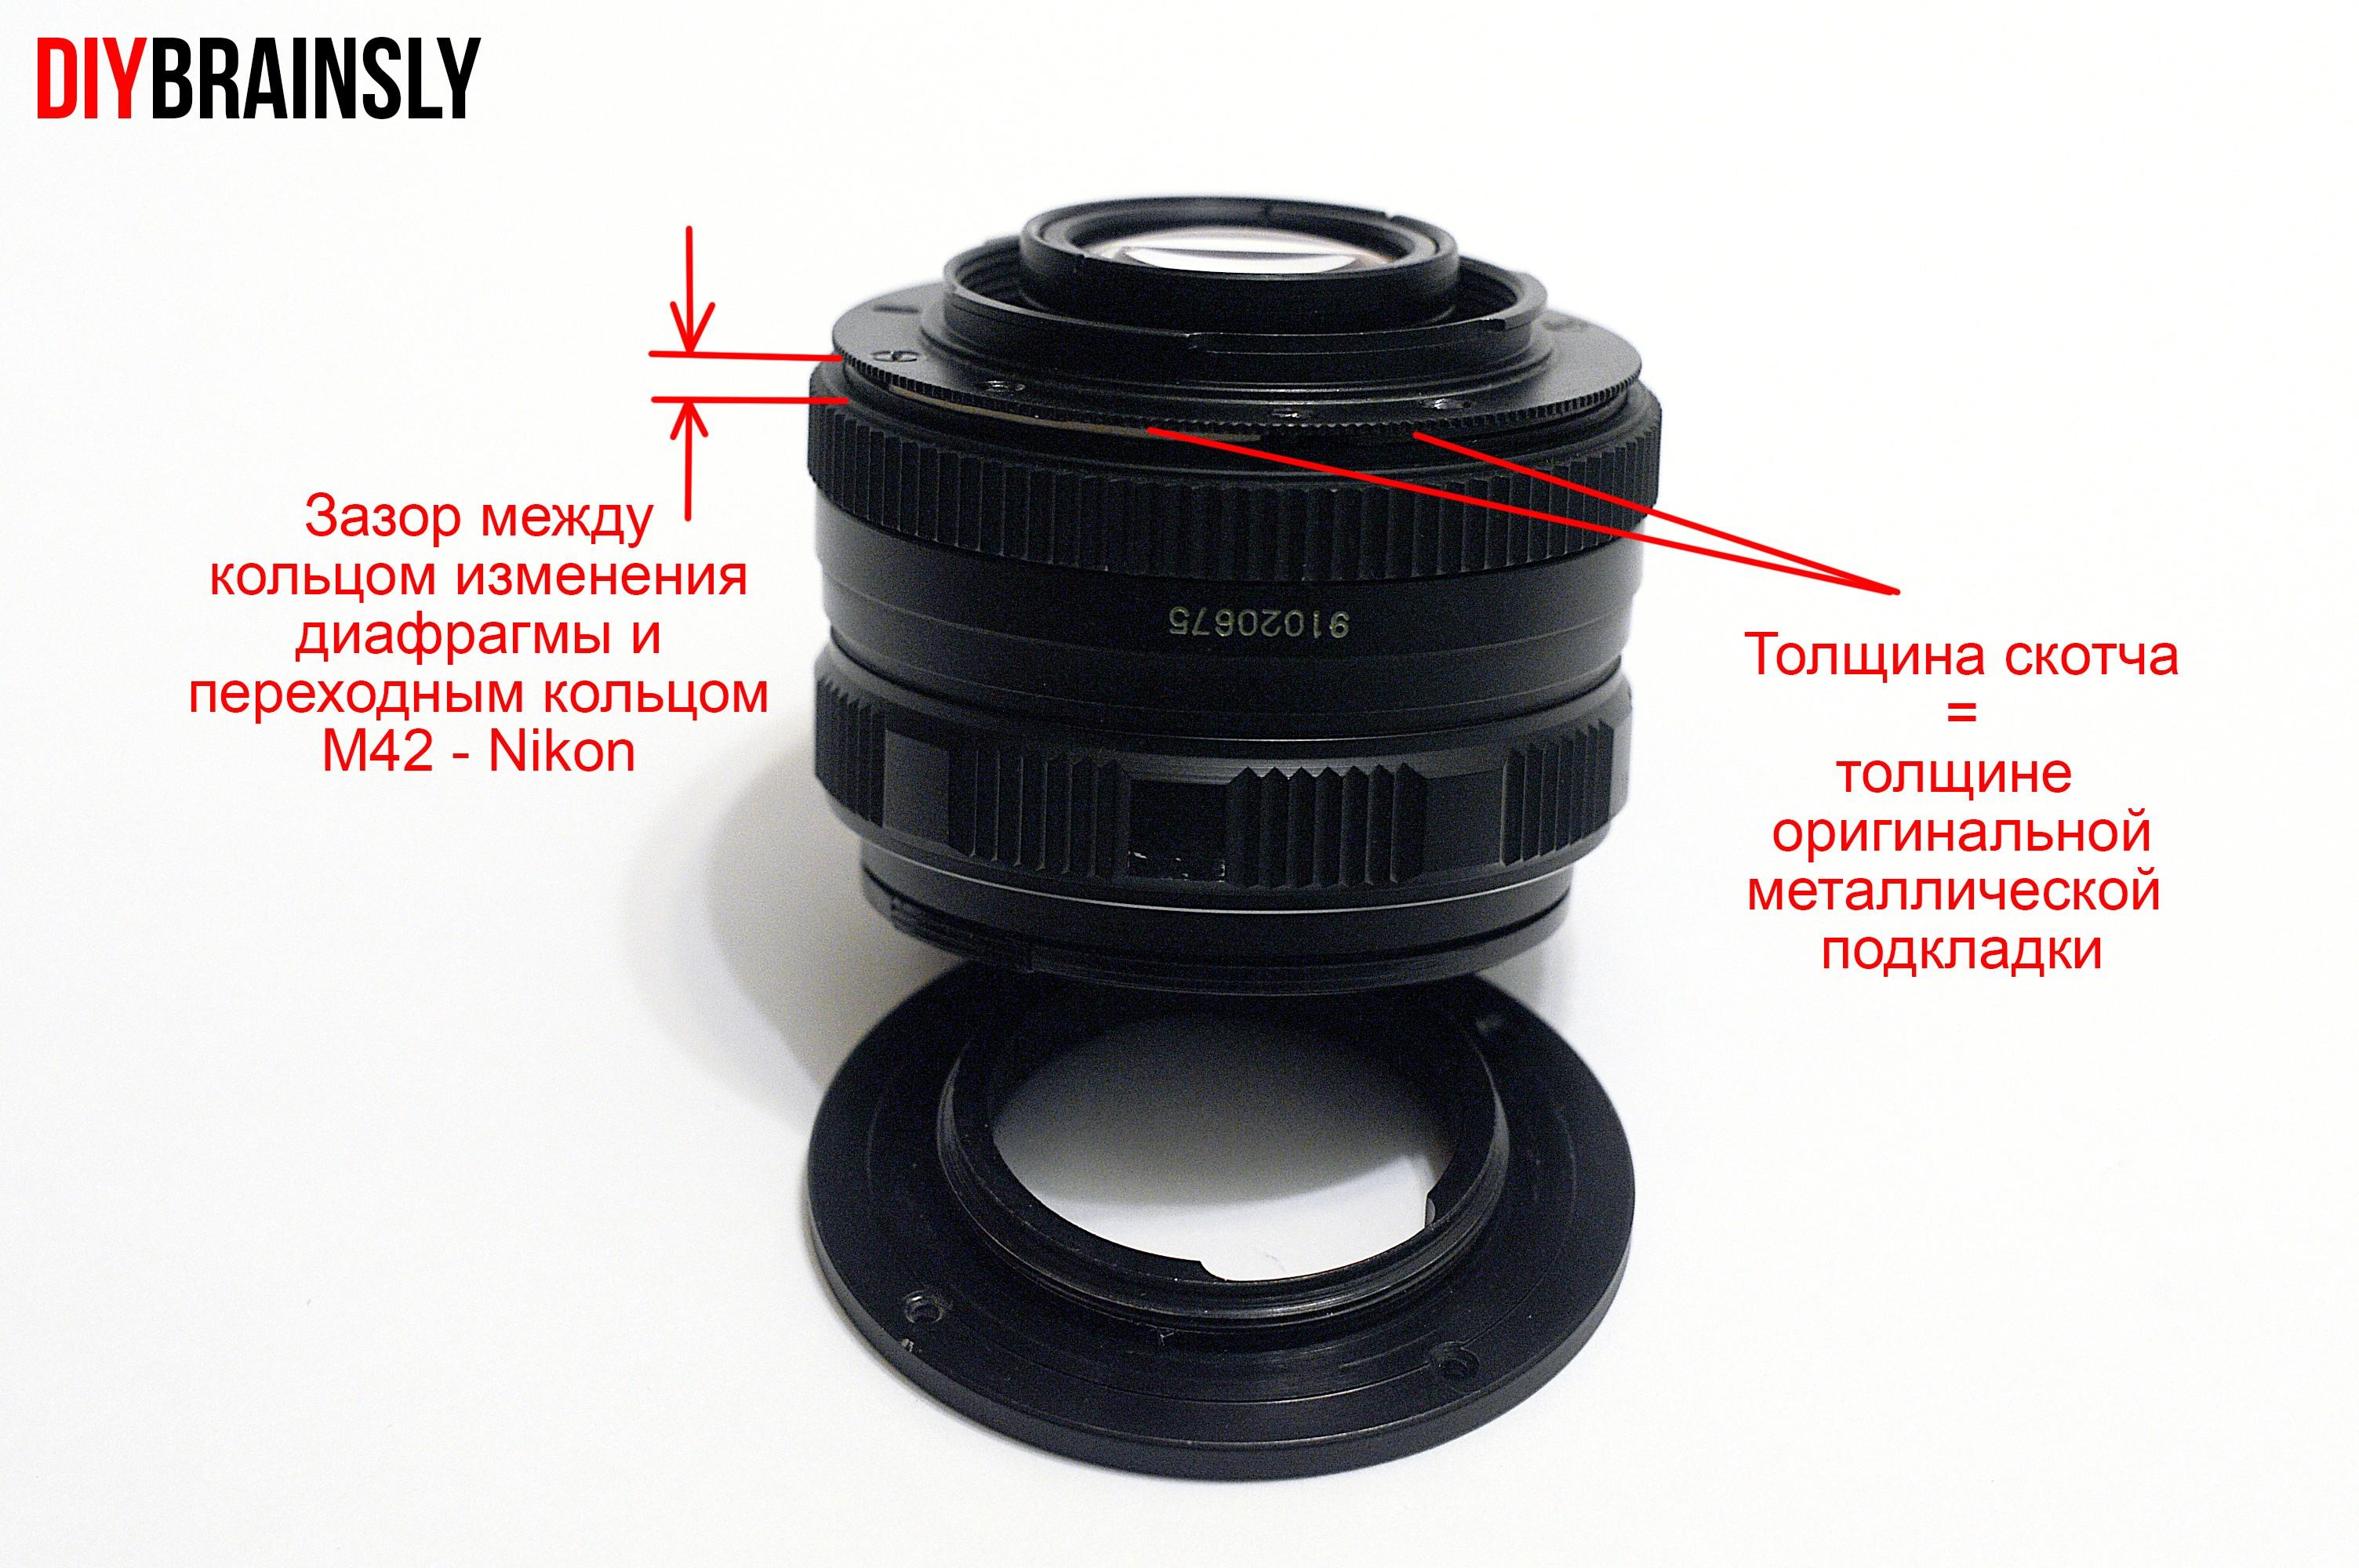 Гелиос 77м-4 на Nikon 8